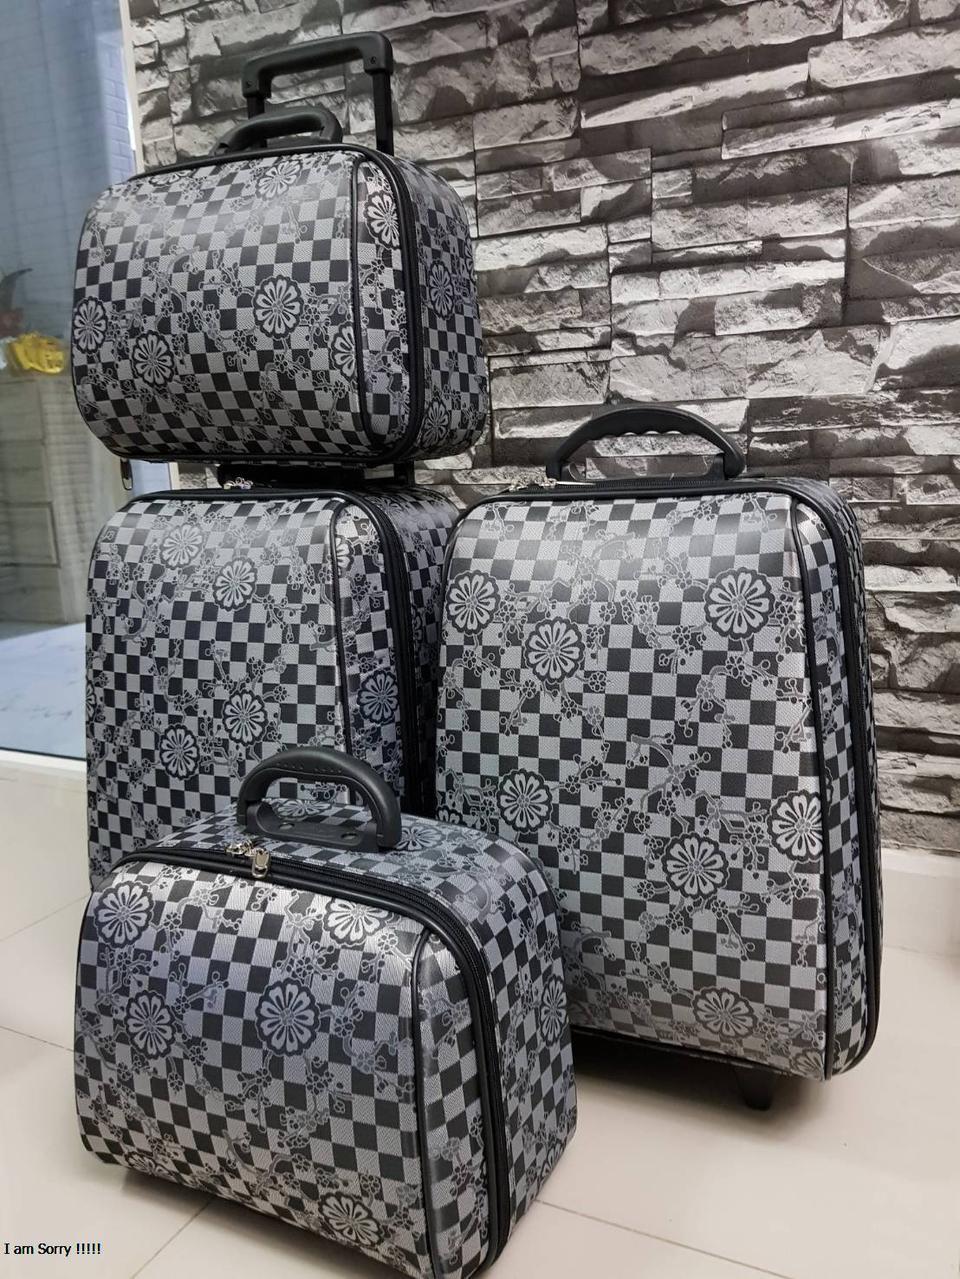 กระเป๋าเดินทางแบบผ้า เซ็ทคู่ 18/13 นิ้ว ลาย Gray/Black รูปที่ 5